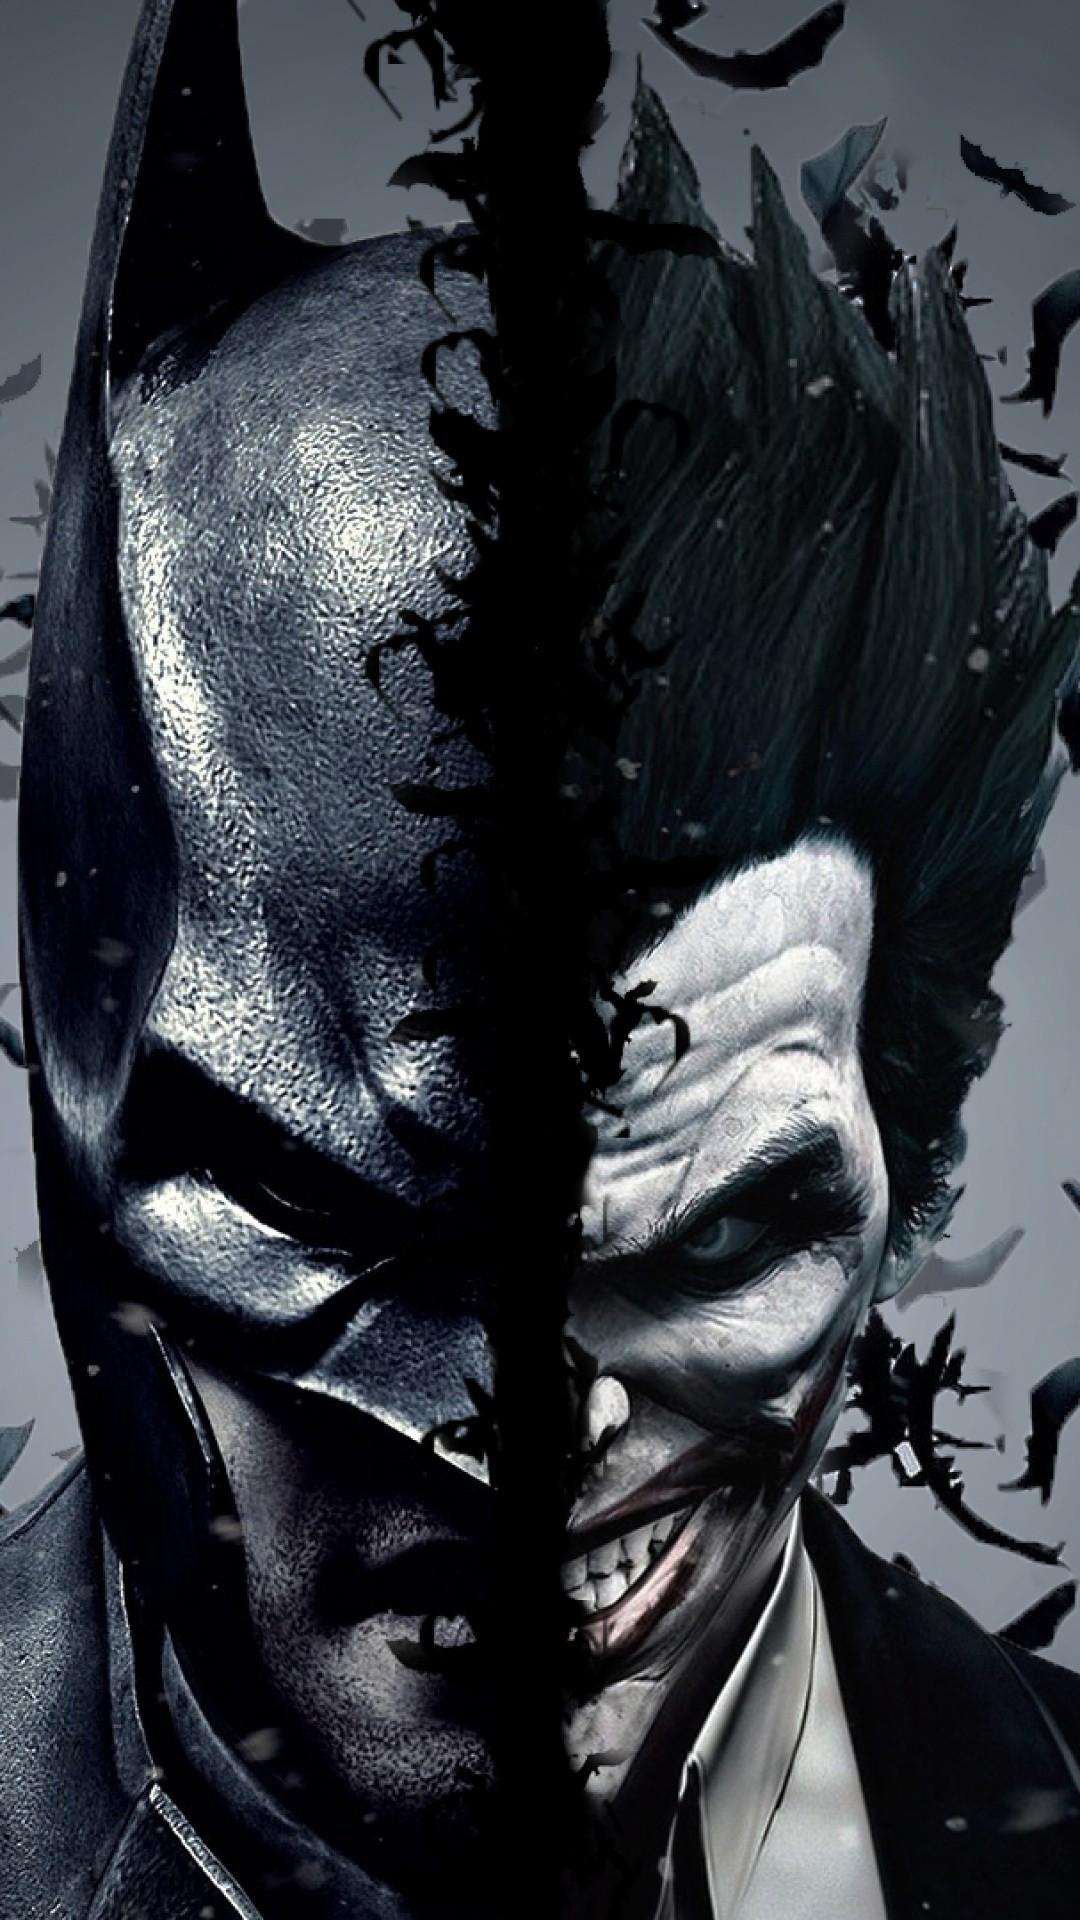 Batman Vs Joker Dual Screen Iphone Wallpaper | Id: 50906